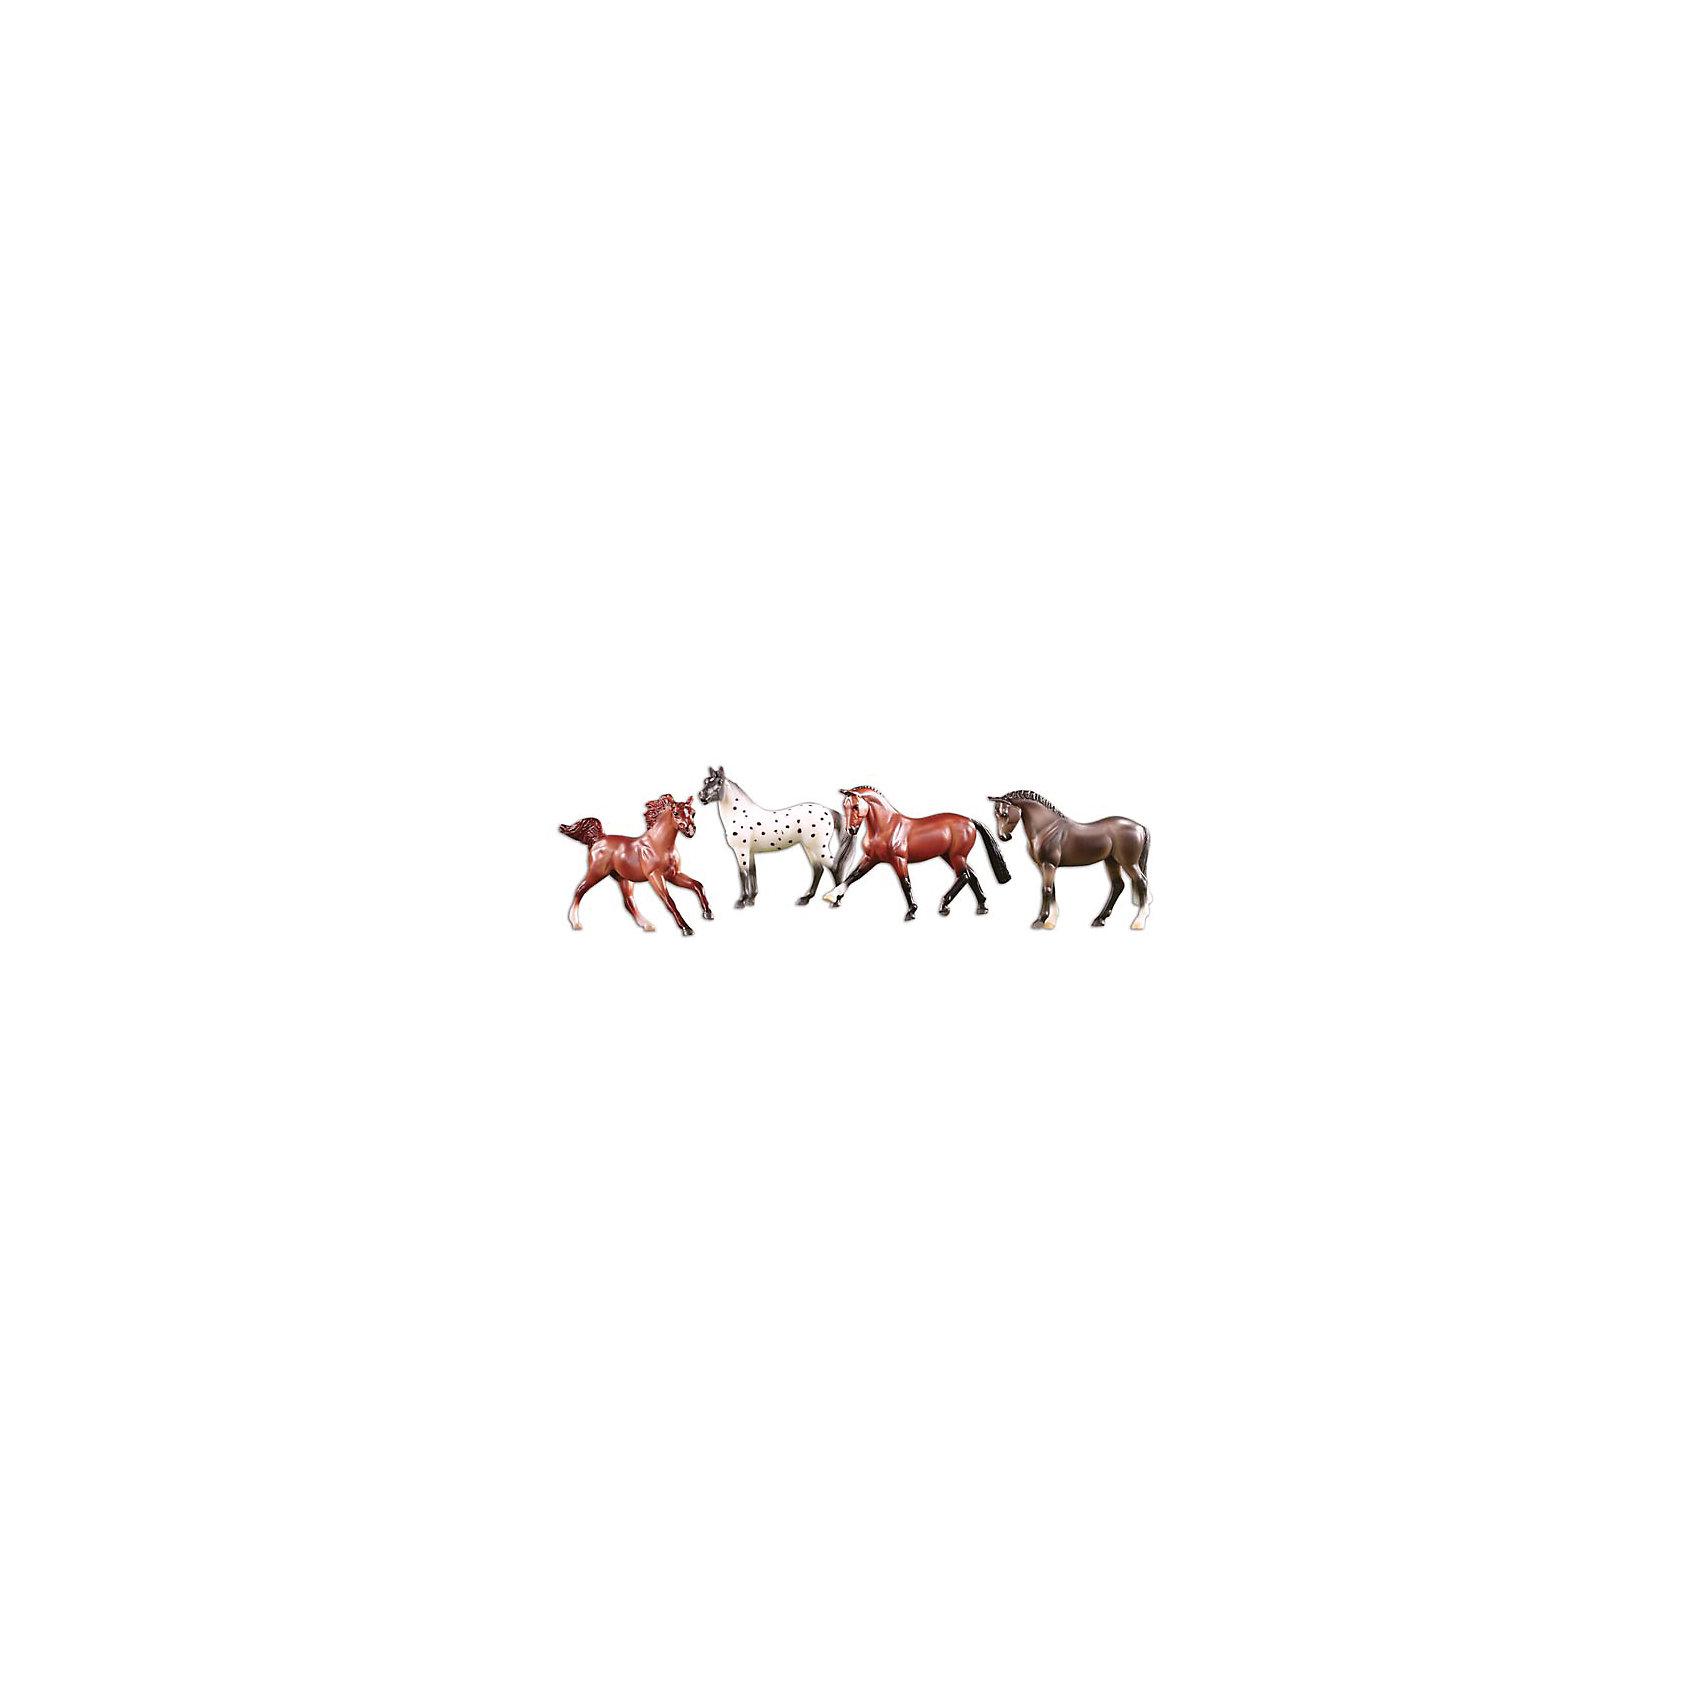 Набор из 4-х лошадей спортивных пород, BreyerНабор лошадей спортивных пород, Breyer, станет отличным подарком для всех любителей этих грациозных животных. В комплекте Вы найдете четыре фигурки, которые познакомят Вашего ребенка с лошадьми спортивного типа. Спортивные лошади - это целая группа пород, имеющая определенные отличительные черты и характеристики. Как правило, эти лошади среднего роста, выносливые, достаточно крепкие и хорошо сложенные, они идеальны для конного спорта. Фигурки Бреер поразят Вас тщательной проработкой всех деталей и реалистичностью. Они изготовлены из высококачественных экологичных материалов и абсолютно безопасны.  <br><br>Лошадки, а также другие домашние животные линейки Stablemates от Бреер, невероятно похожи на своих реальных прототипов. Яркие и красивые, они сделают первое знакомство ребенка с миром домашних животных веселым и запоминающимся.<br><br>Дополнительная информация:<br><br>- Материал: пластик.<br>- Размер фигурки: 6 х 8 см.<br>- Размер упаковки: 24,8 х 4,4 х 21 см.<br>- Вес: 0,36 кг.<br><br>Набор из 4-х лошадей спортивных пород, Breyer, можно купить в нашем интернет-магазине.<br><br>Ширина мм: 380<br>Глубина мм: 170<br>Высота мм: 120<br>Вес г: 500<br>Возраст от месяцев: 36<br>Возраст до месяцев: 1188<br>Пол: Унисекс<br>Возраст: Детский<br>SKU: 4552541